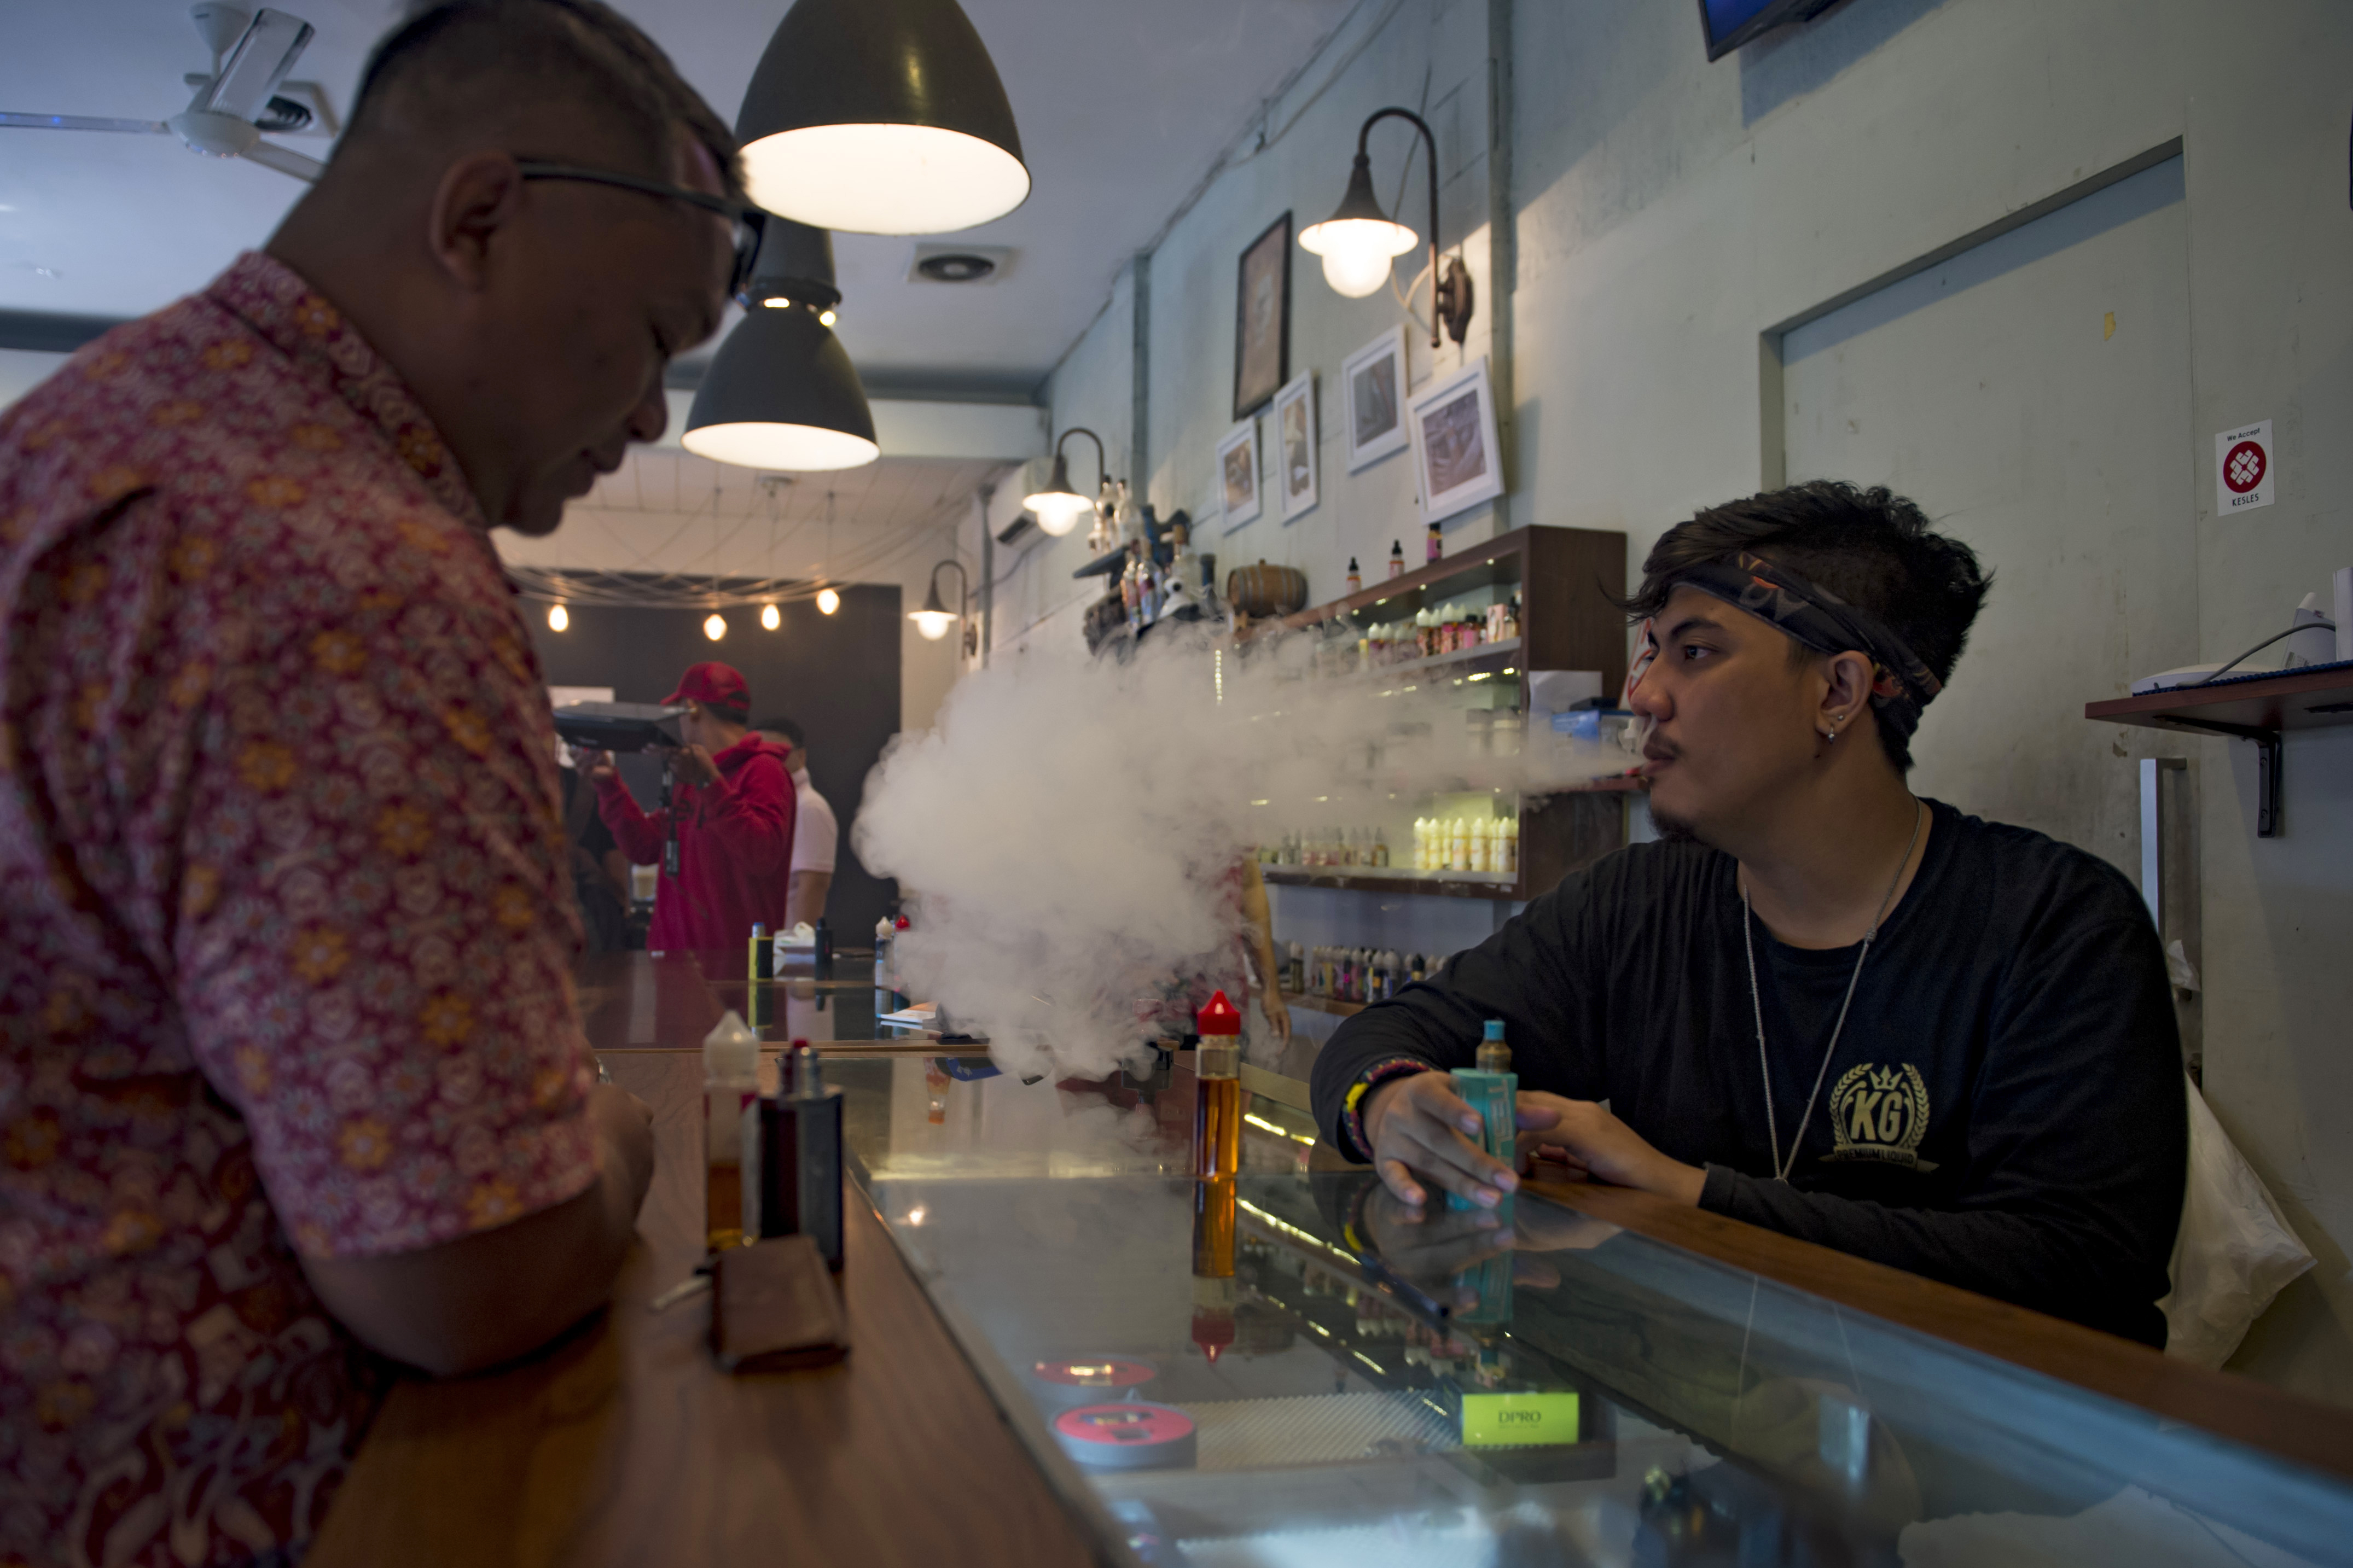 Az Egyesült Államokban regisztrálták az első, elektromos cigi okozta halálesetet